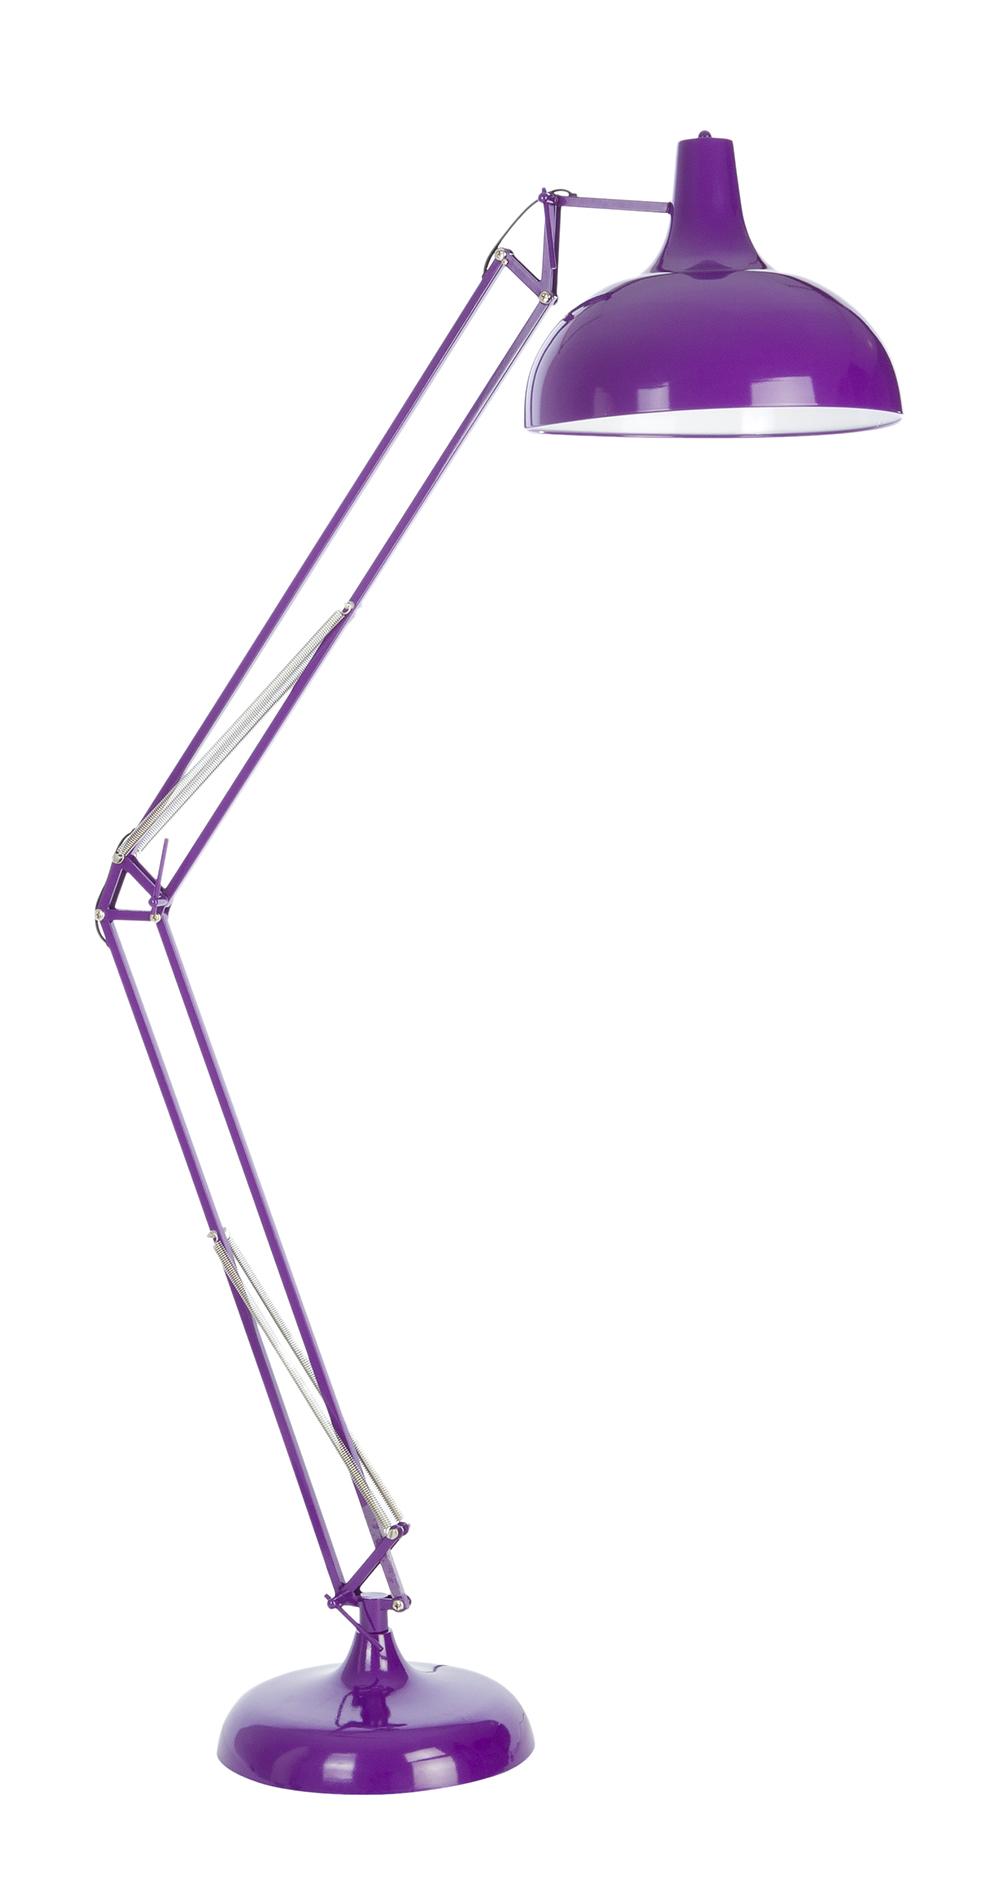 Lampadaire de bureau violet grande lampe violette - Lampadaire de bureau ...